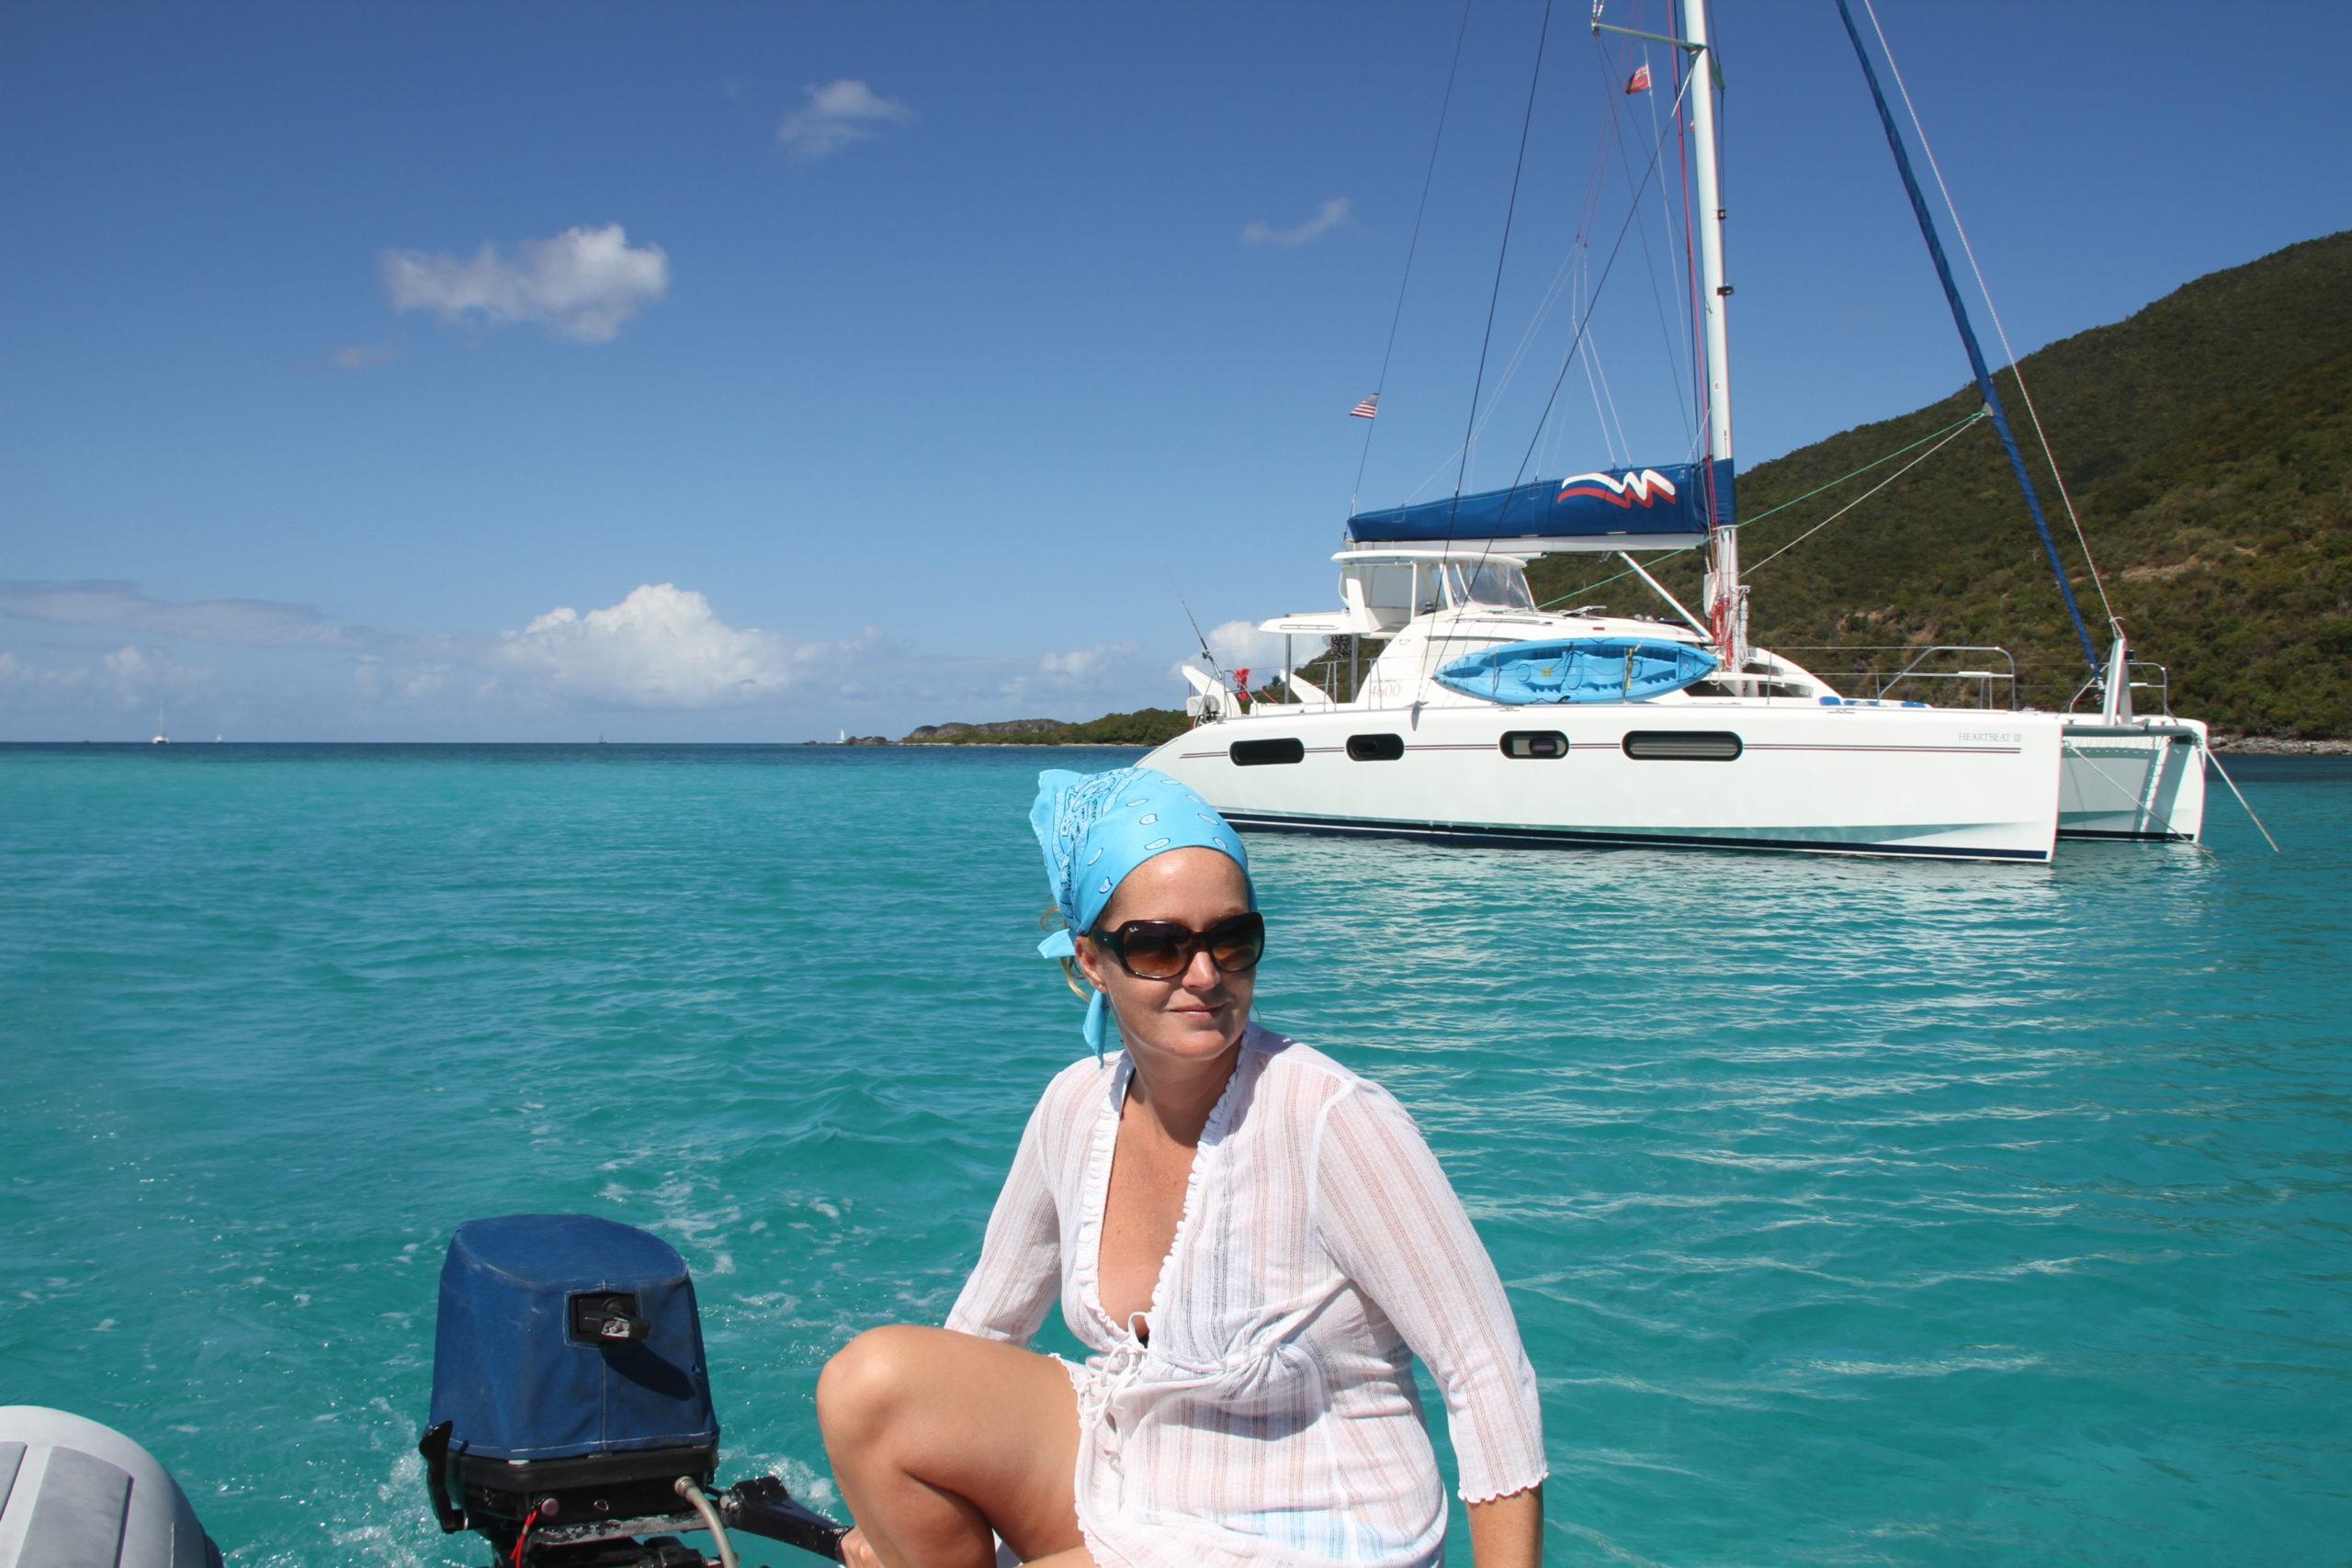 als Chef auf dem Tender in der Karibik - Simone Embacher  - Buttervogel